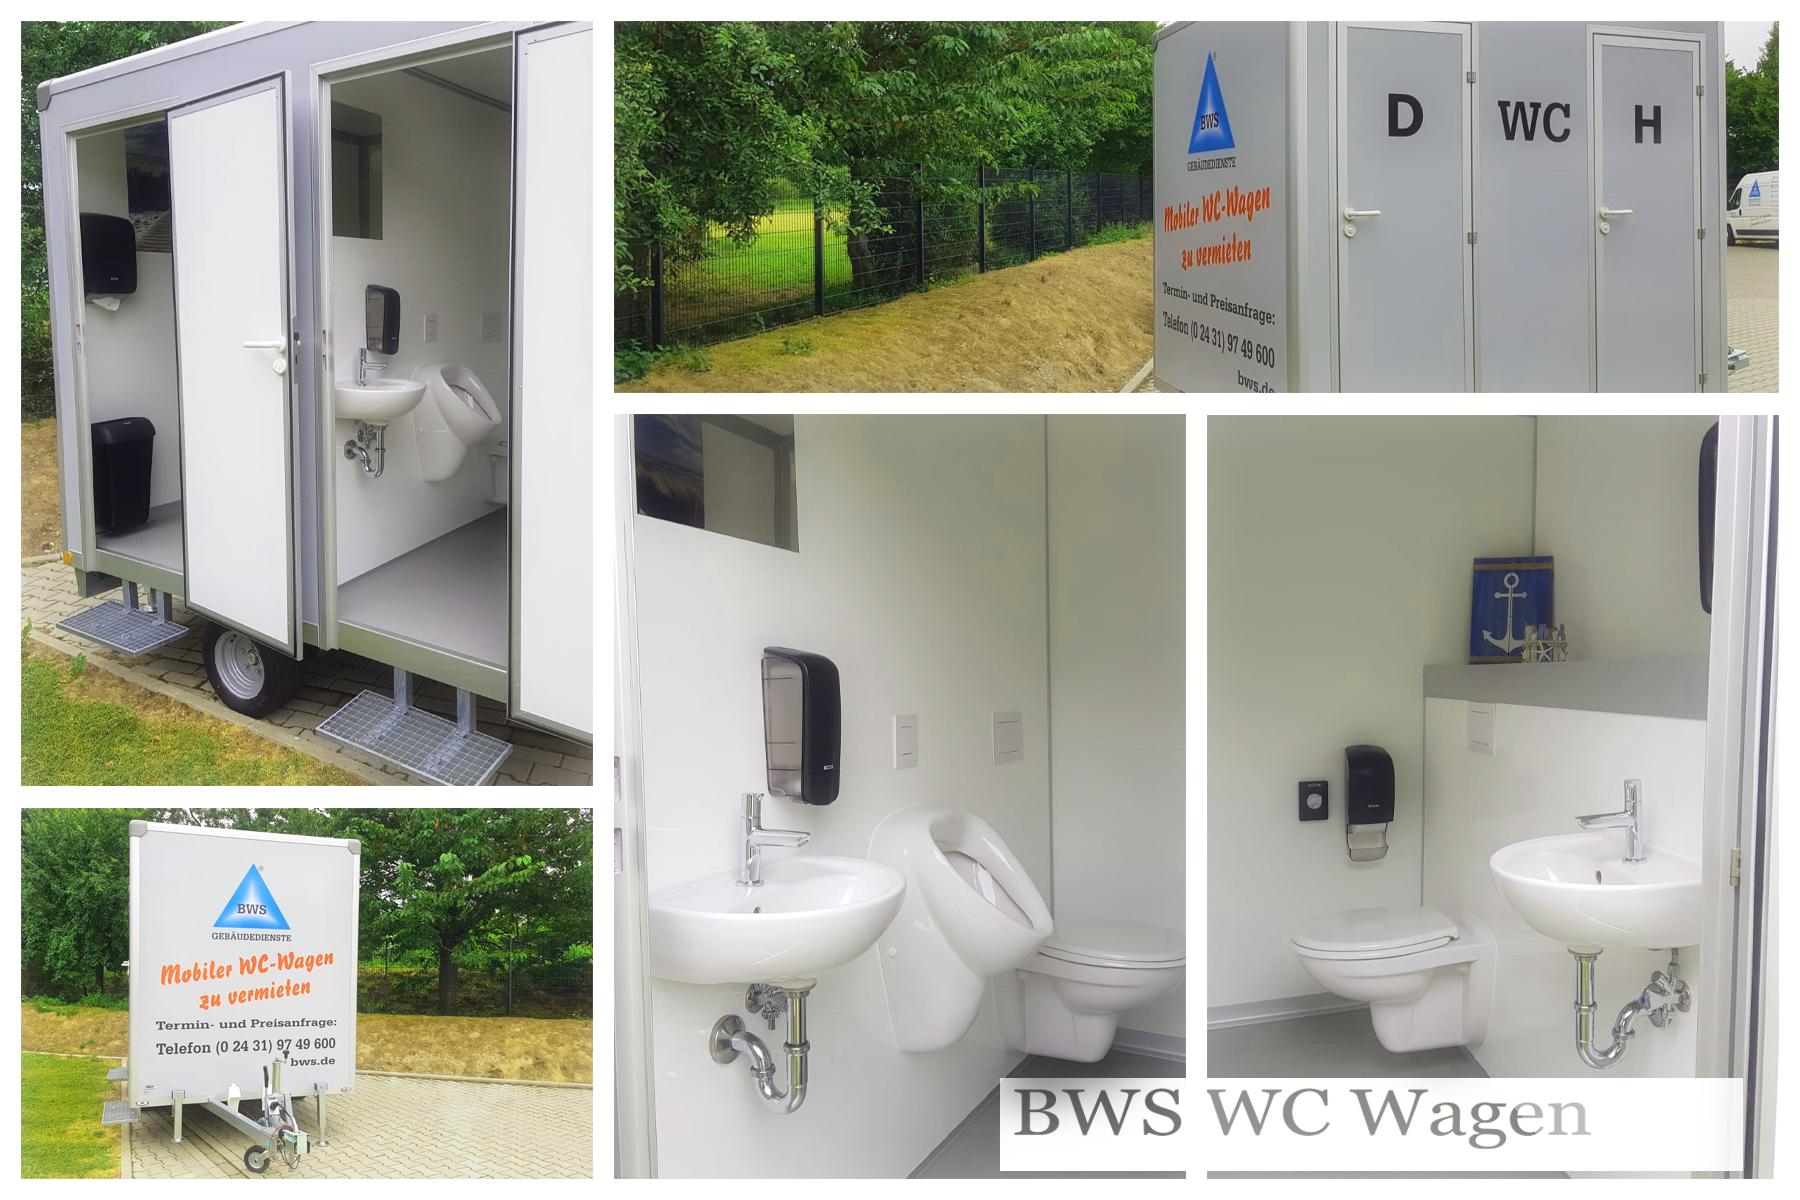 BWS Erkelenz | Personenschutz, Werkschutz